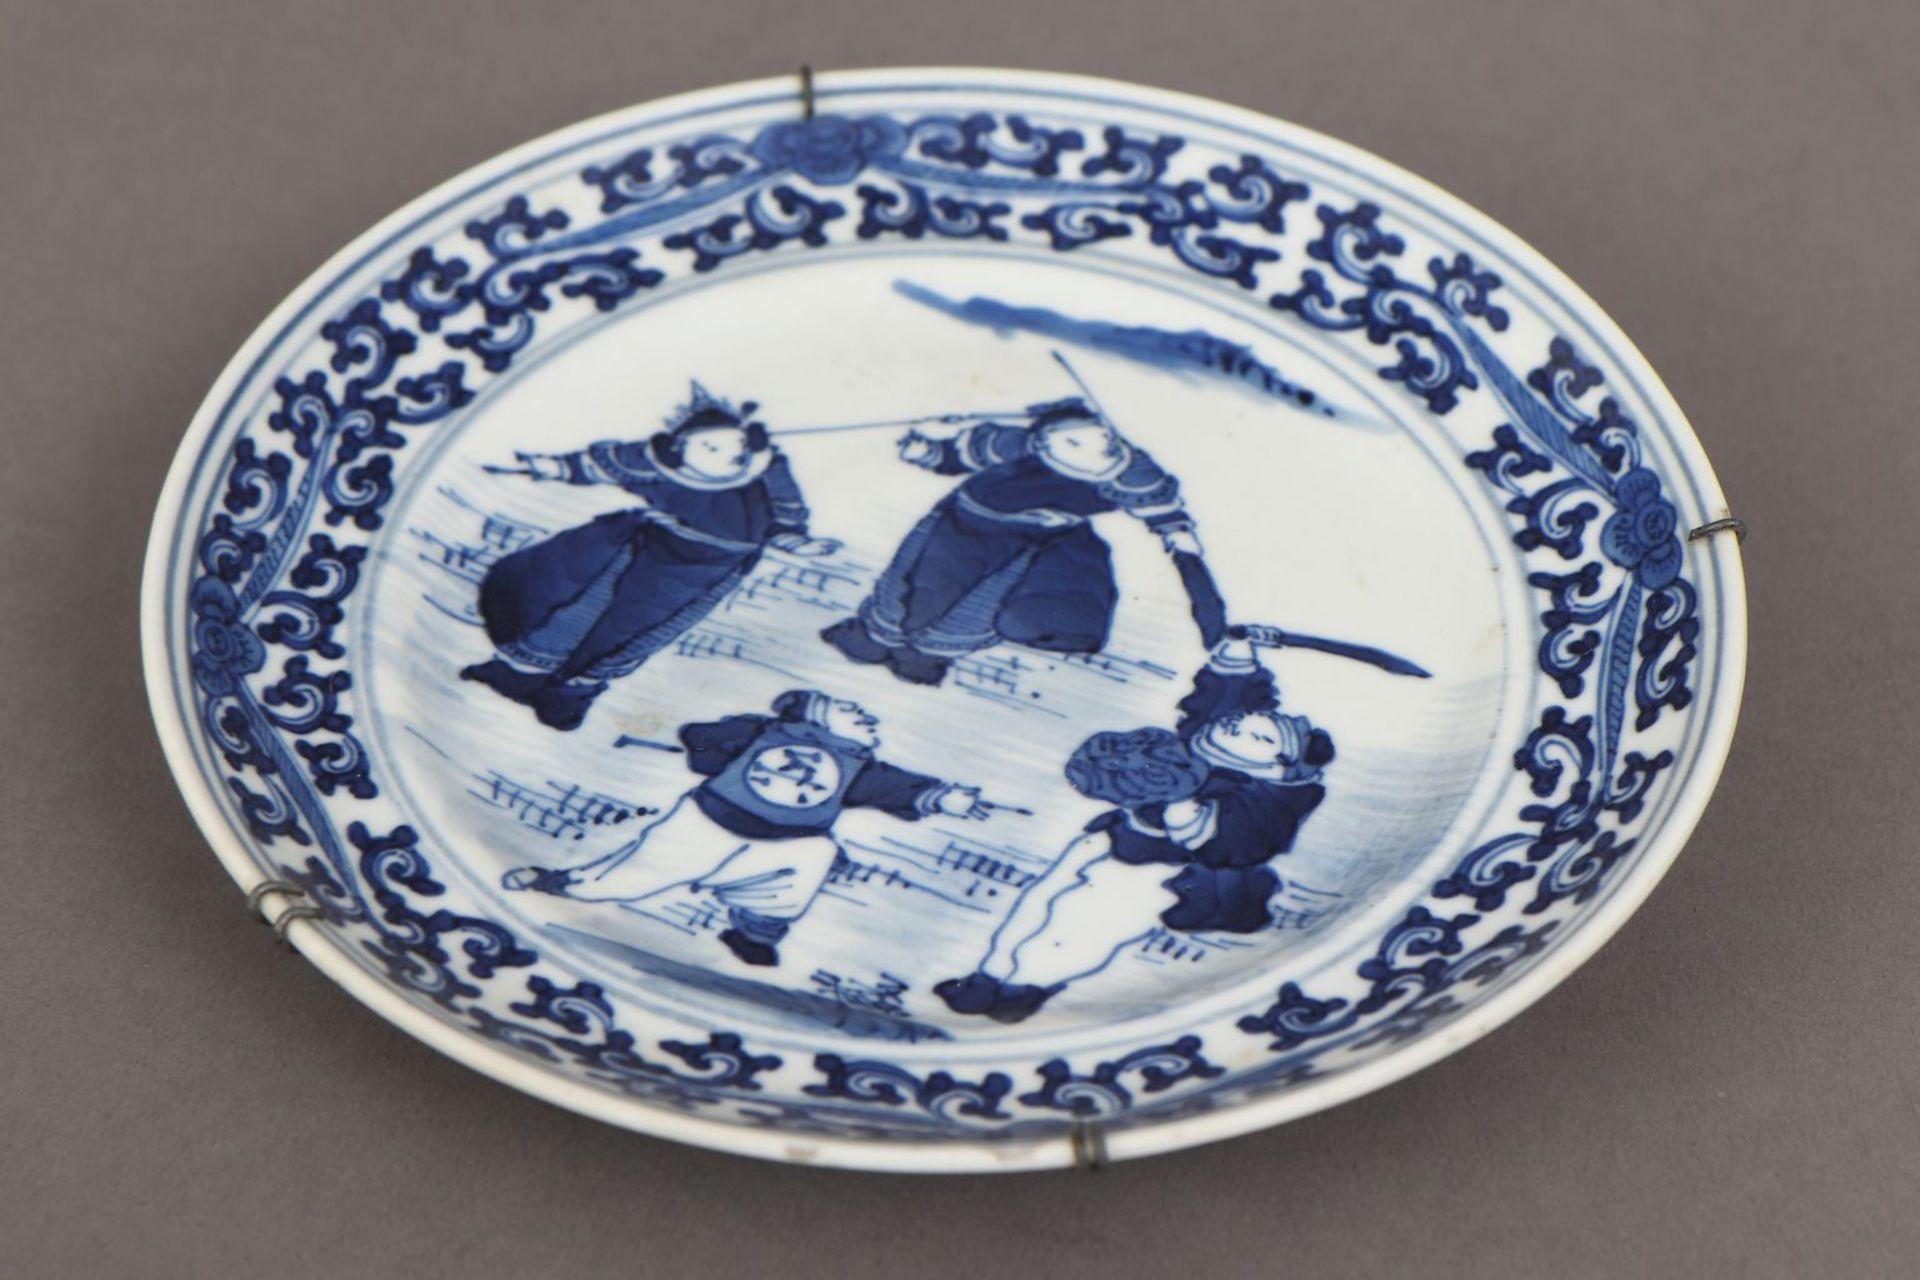 2 chinesische Porzellane mit Blaumalerei - Bild 3 aus 7